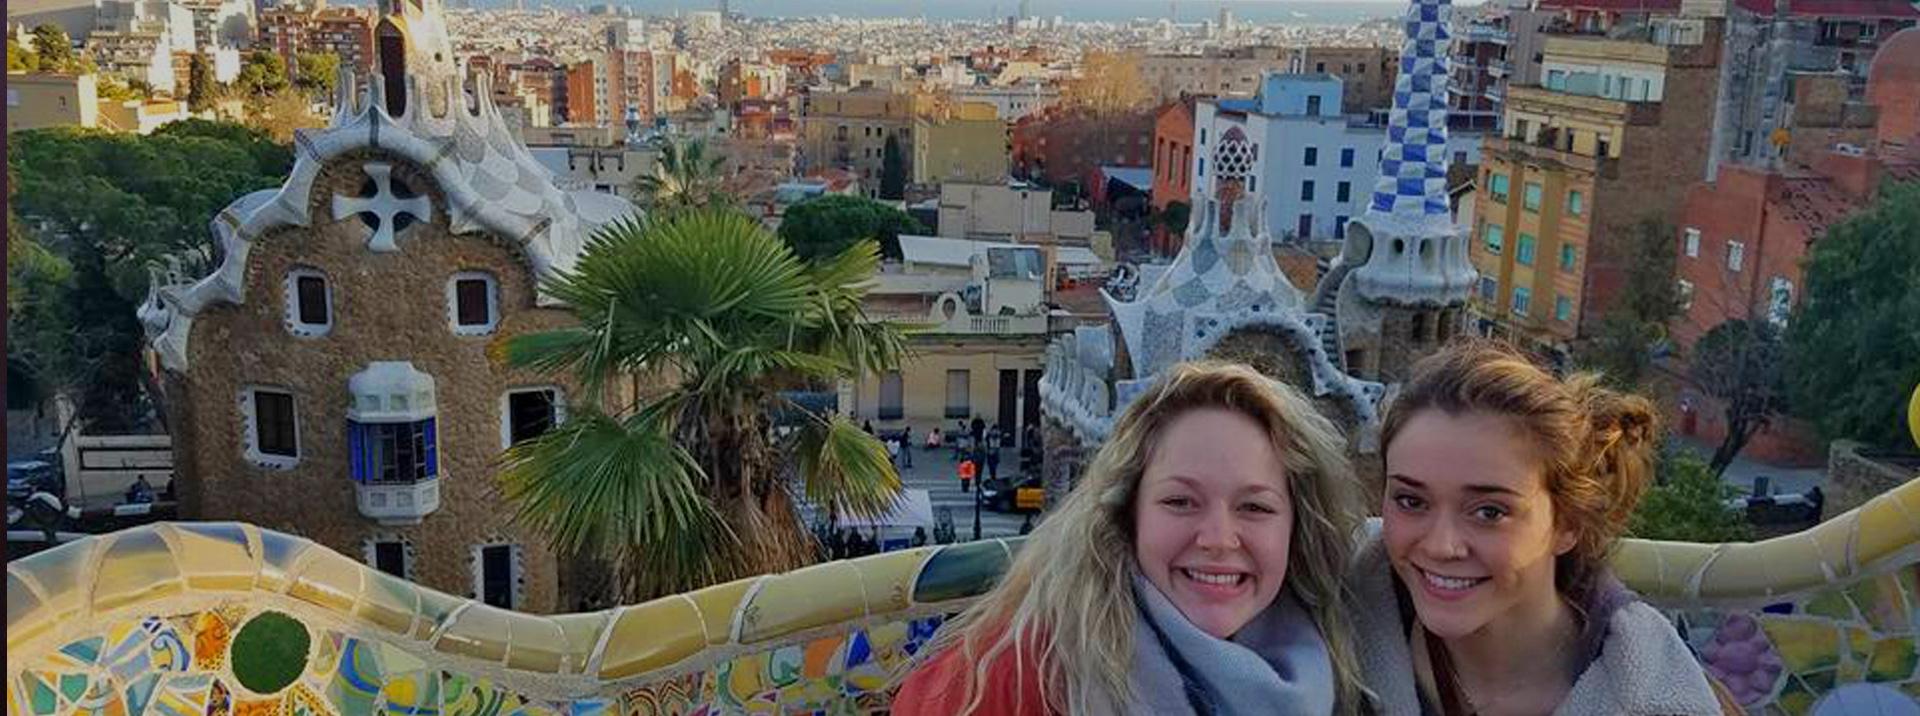 Sarah in Barcelona